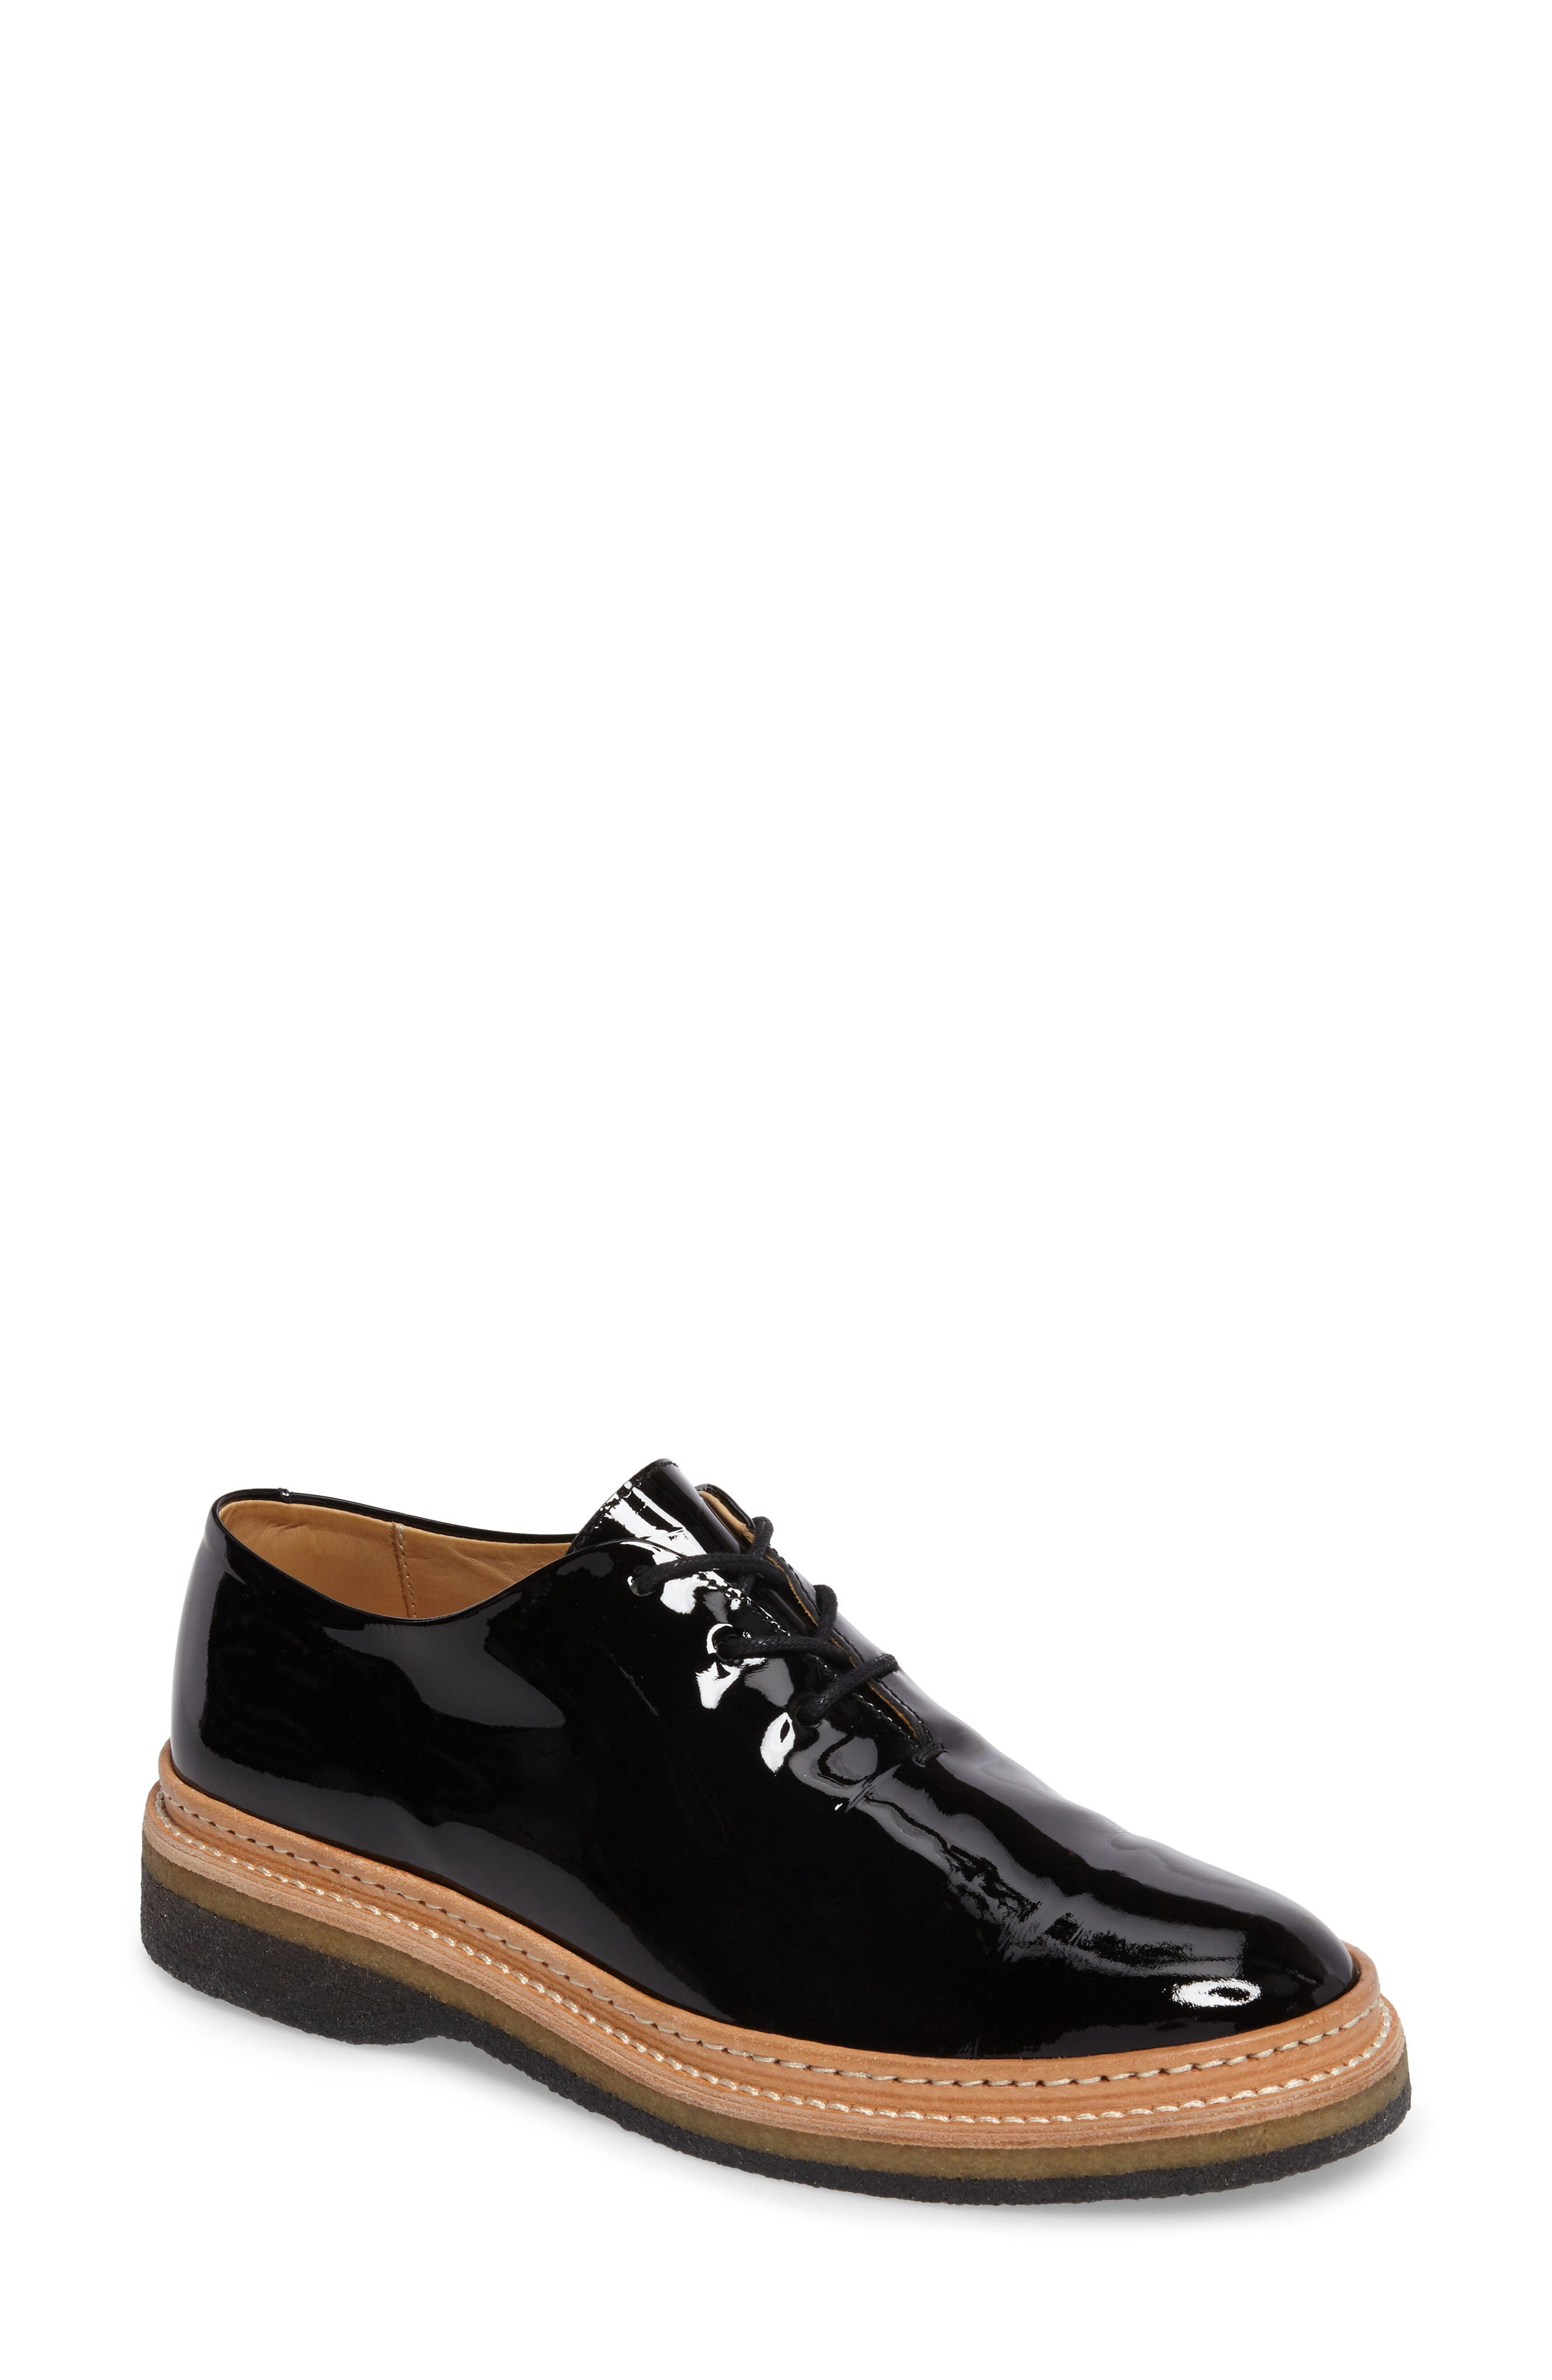 Cordova Oxford,                         Main,                         color, PATENT BLACK